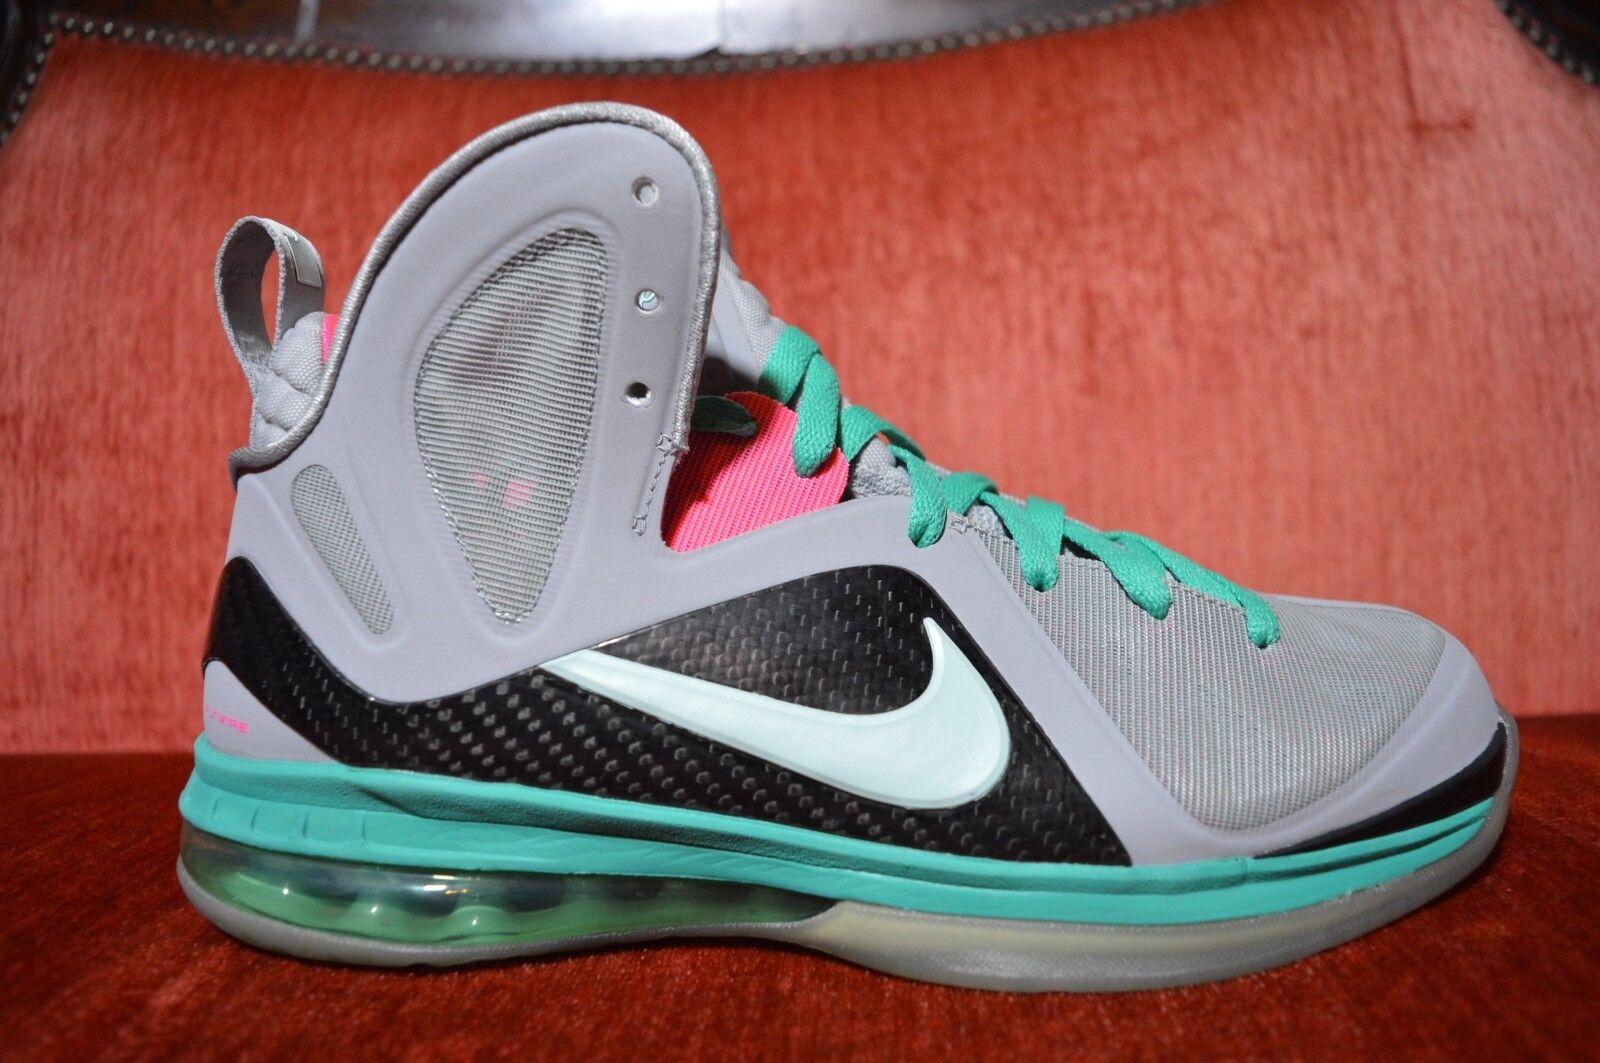 Limpiar comodo Nike Air LeBron South Beach 9 comodo Limpiar especial de tiempo limitado d70e19